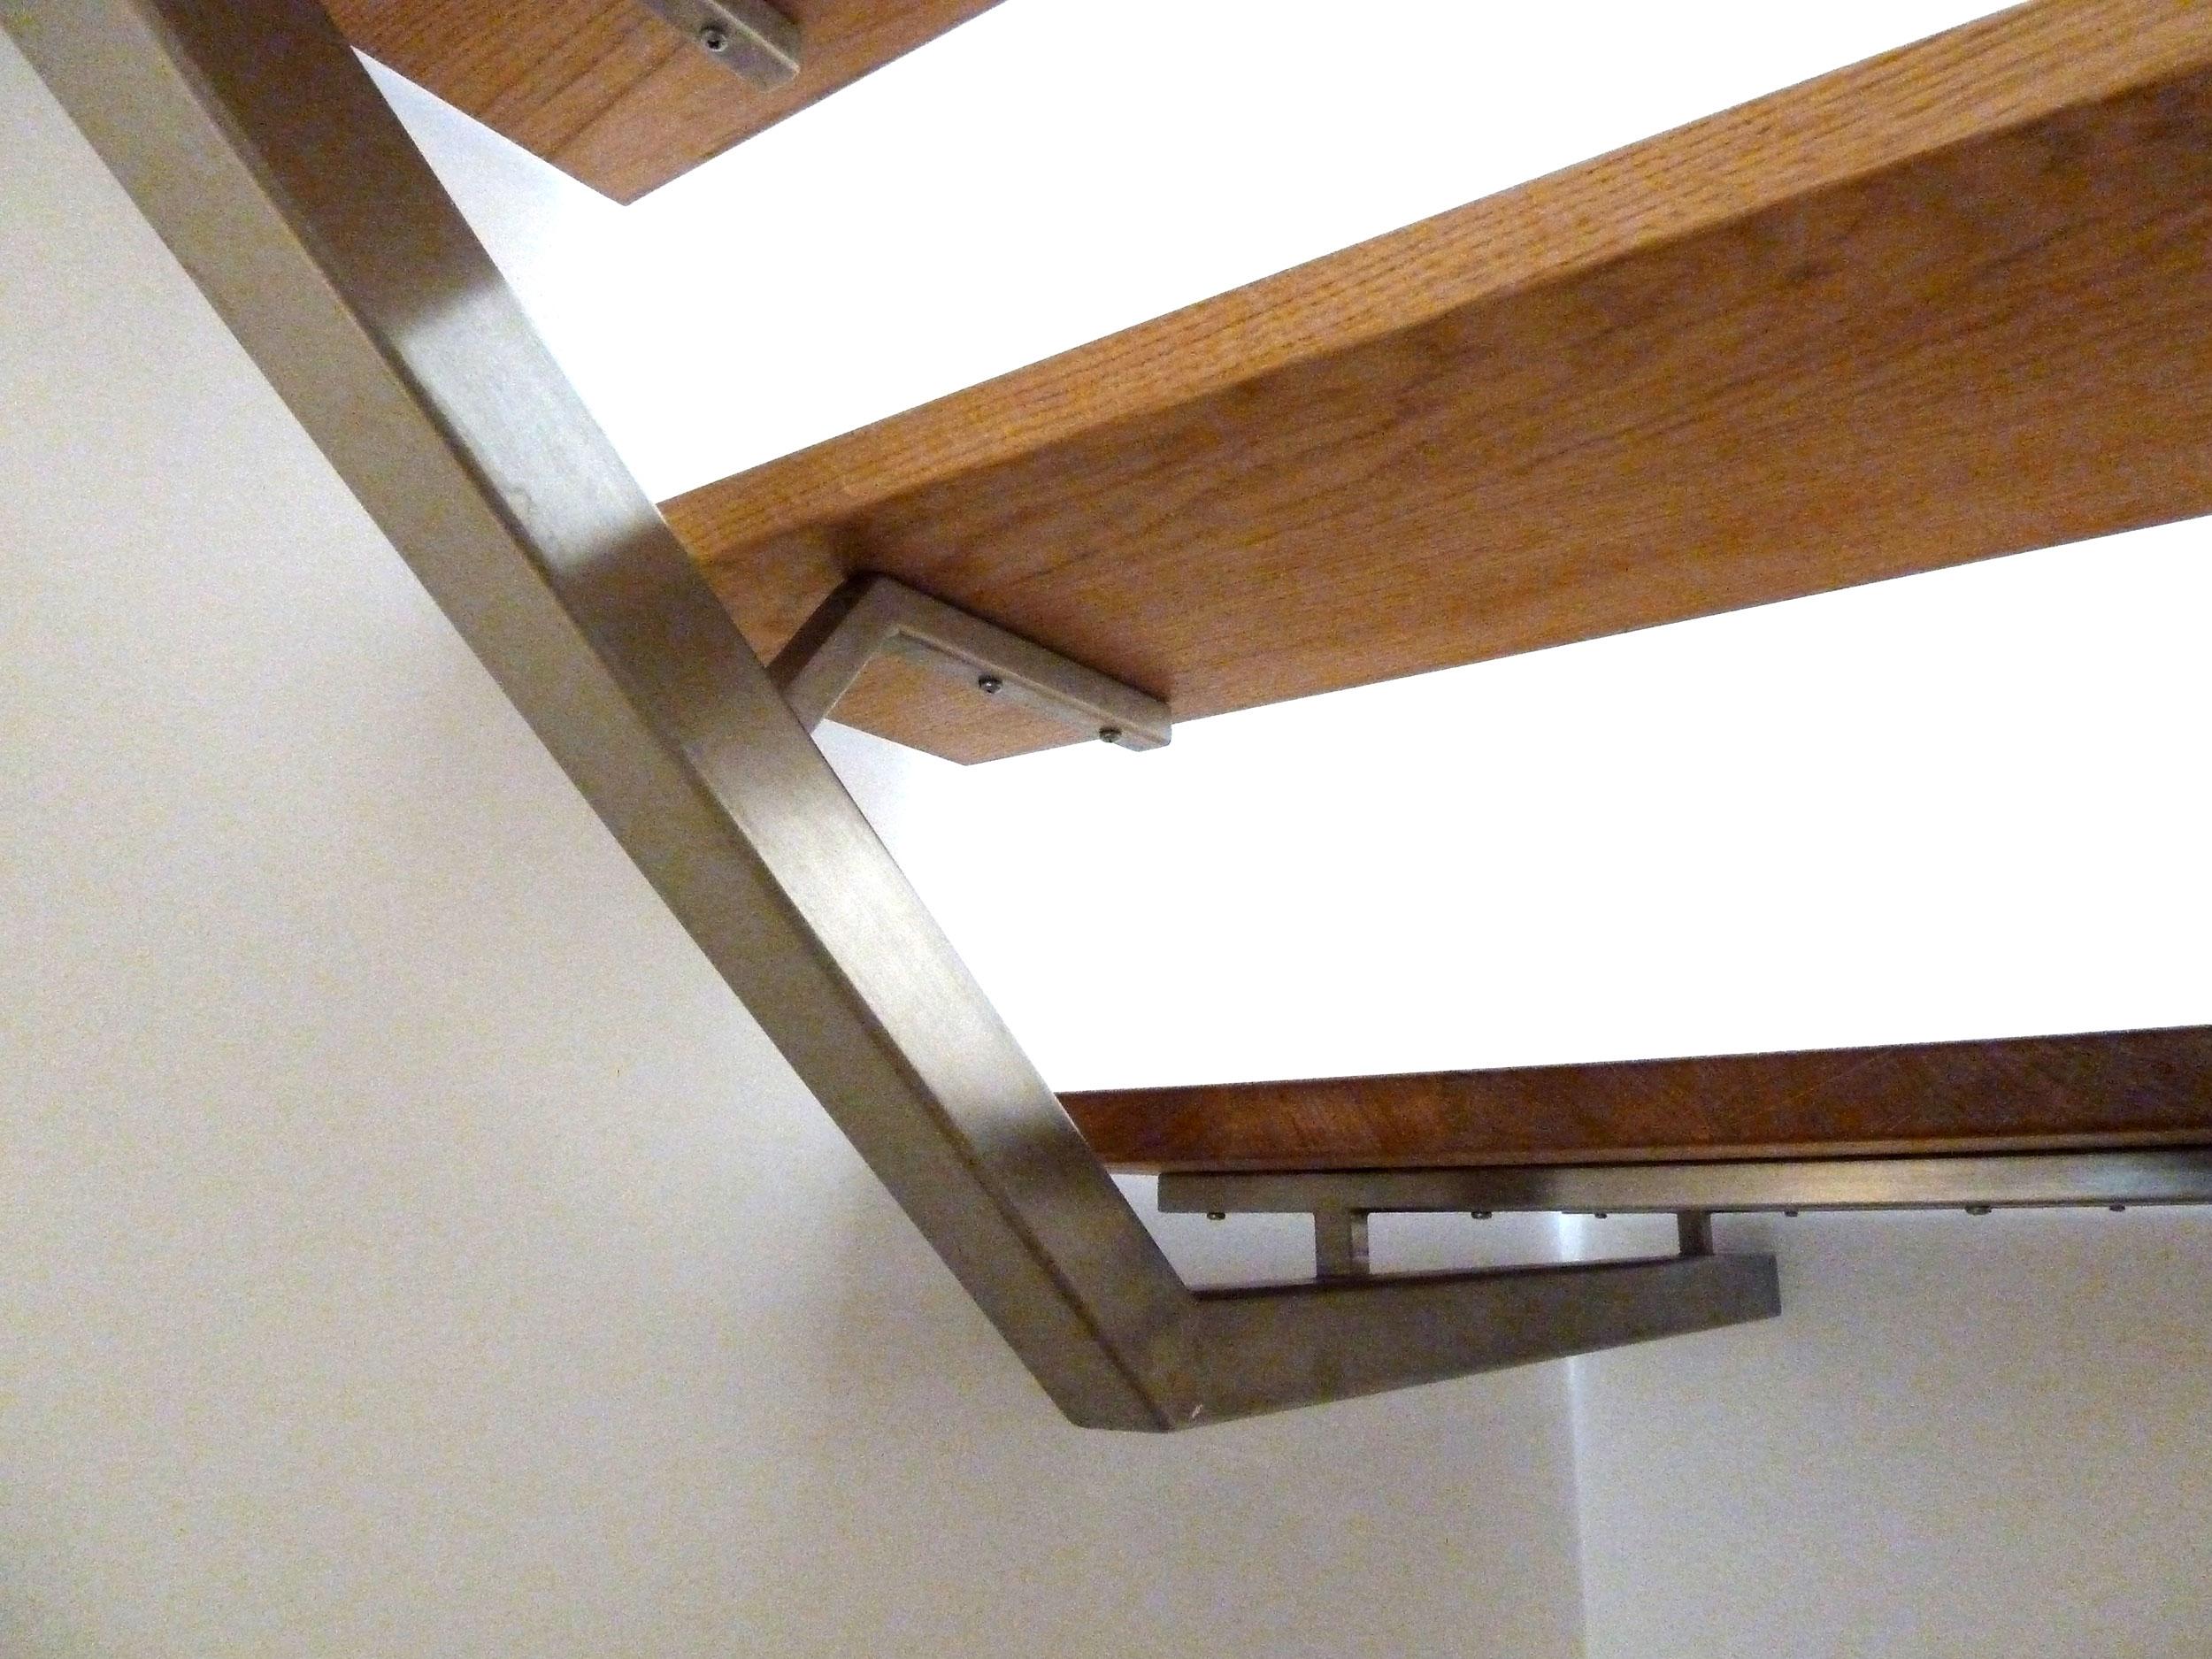 Larchwood steps dwelling modece architects suffolk bury st edmunds sustainable eco